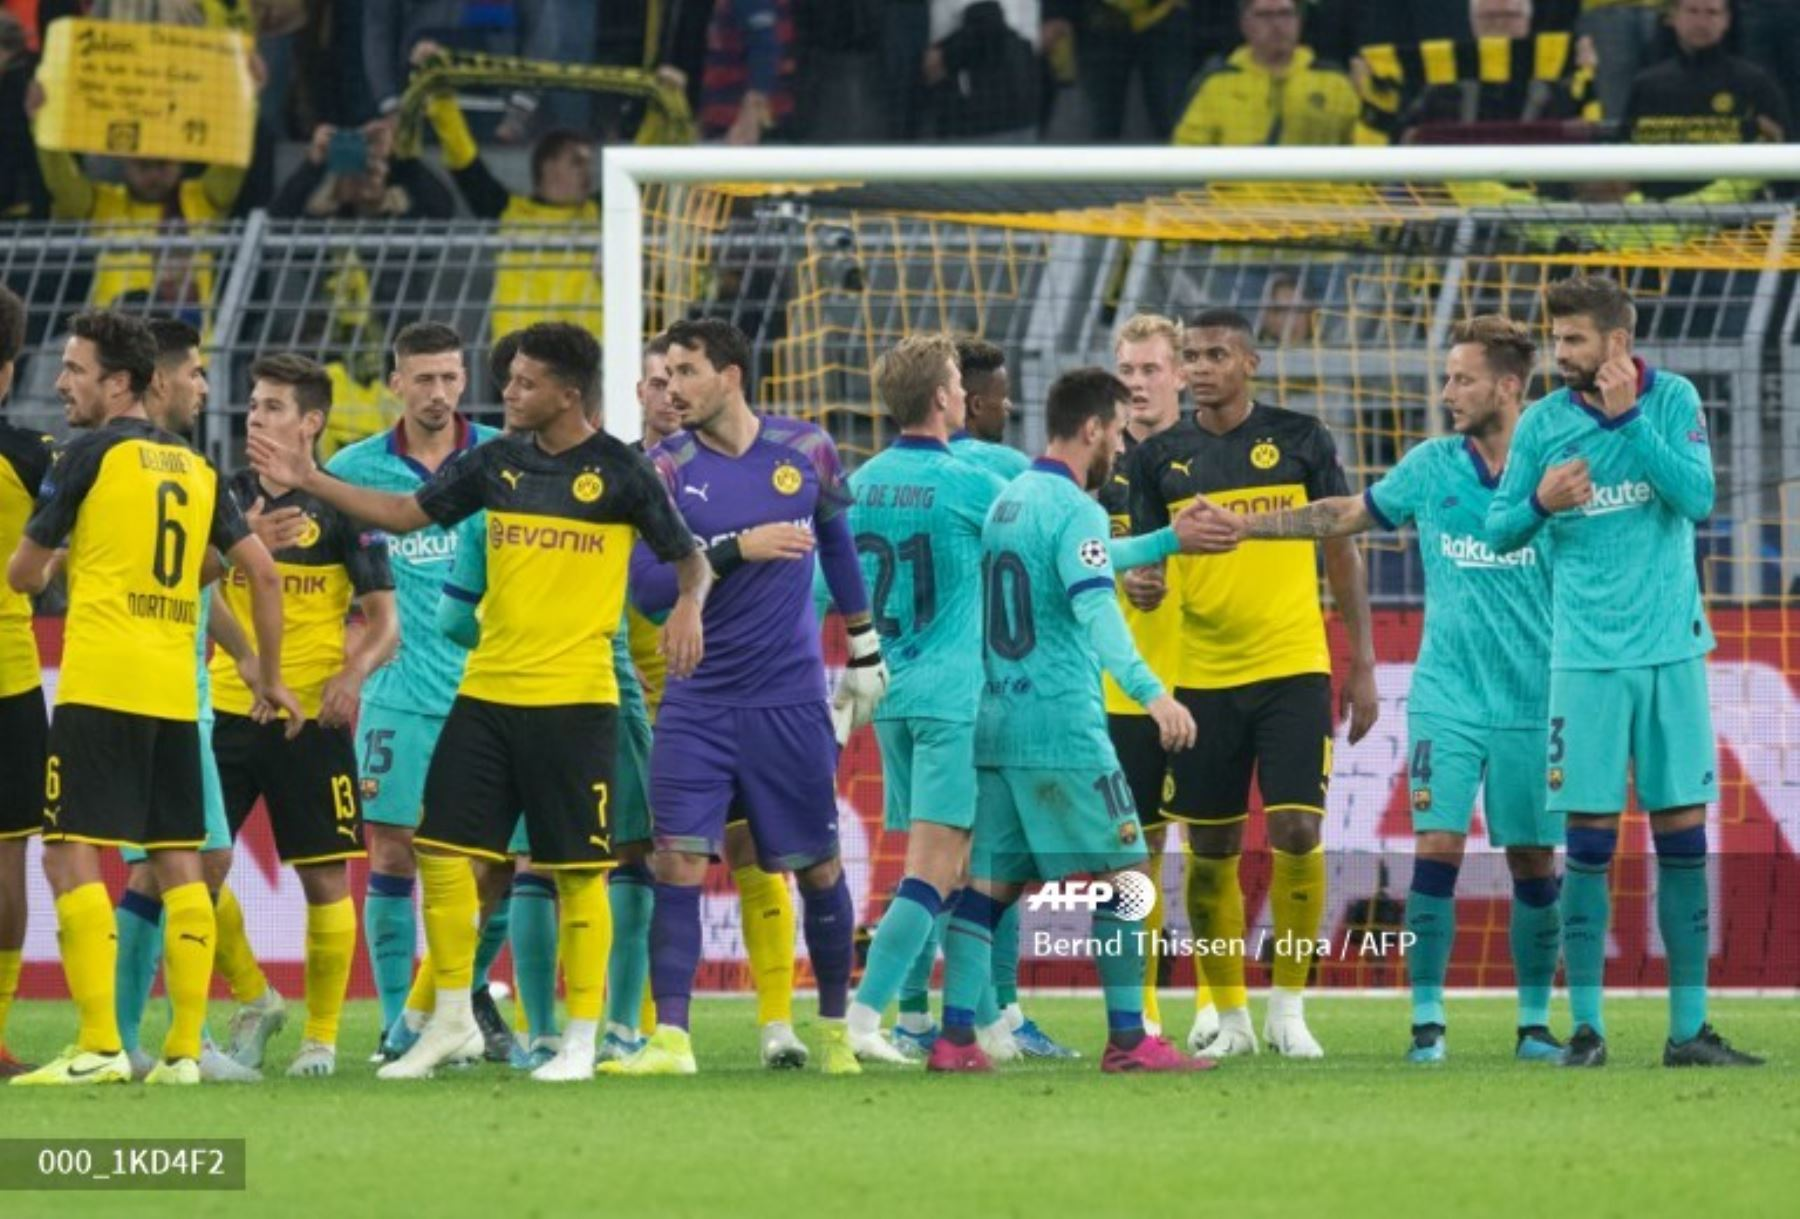 Los jugadores se dan la mano después del partido de fútbol del Grupo F de la UEFA Champions League Borussia Dortmund v FC Barcelona en Dortmund, Alemania. Foto: AFP